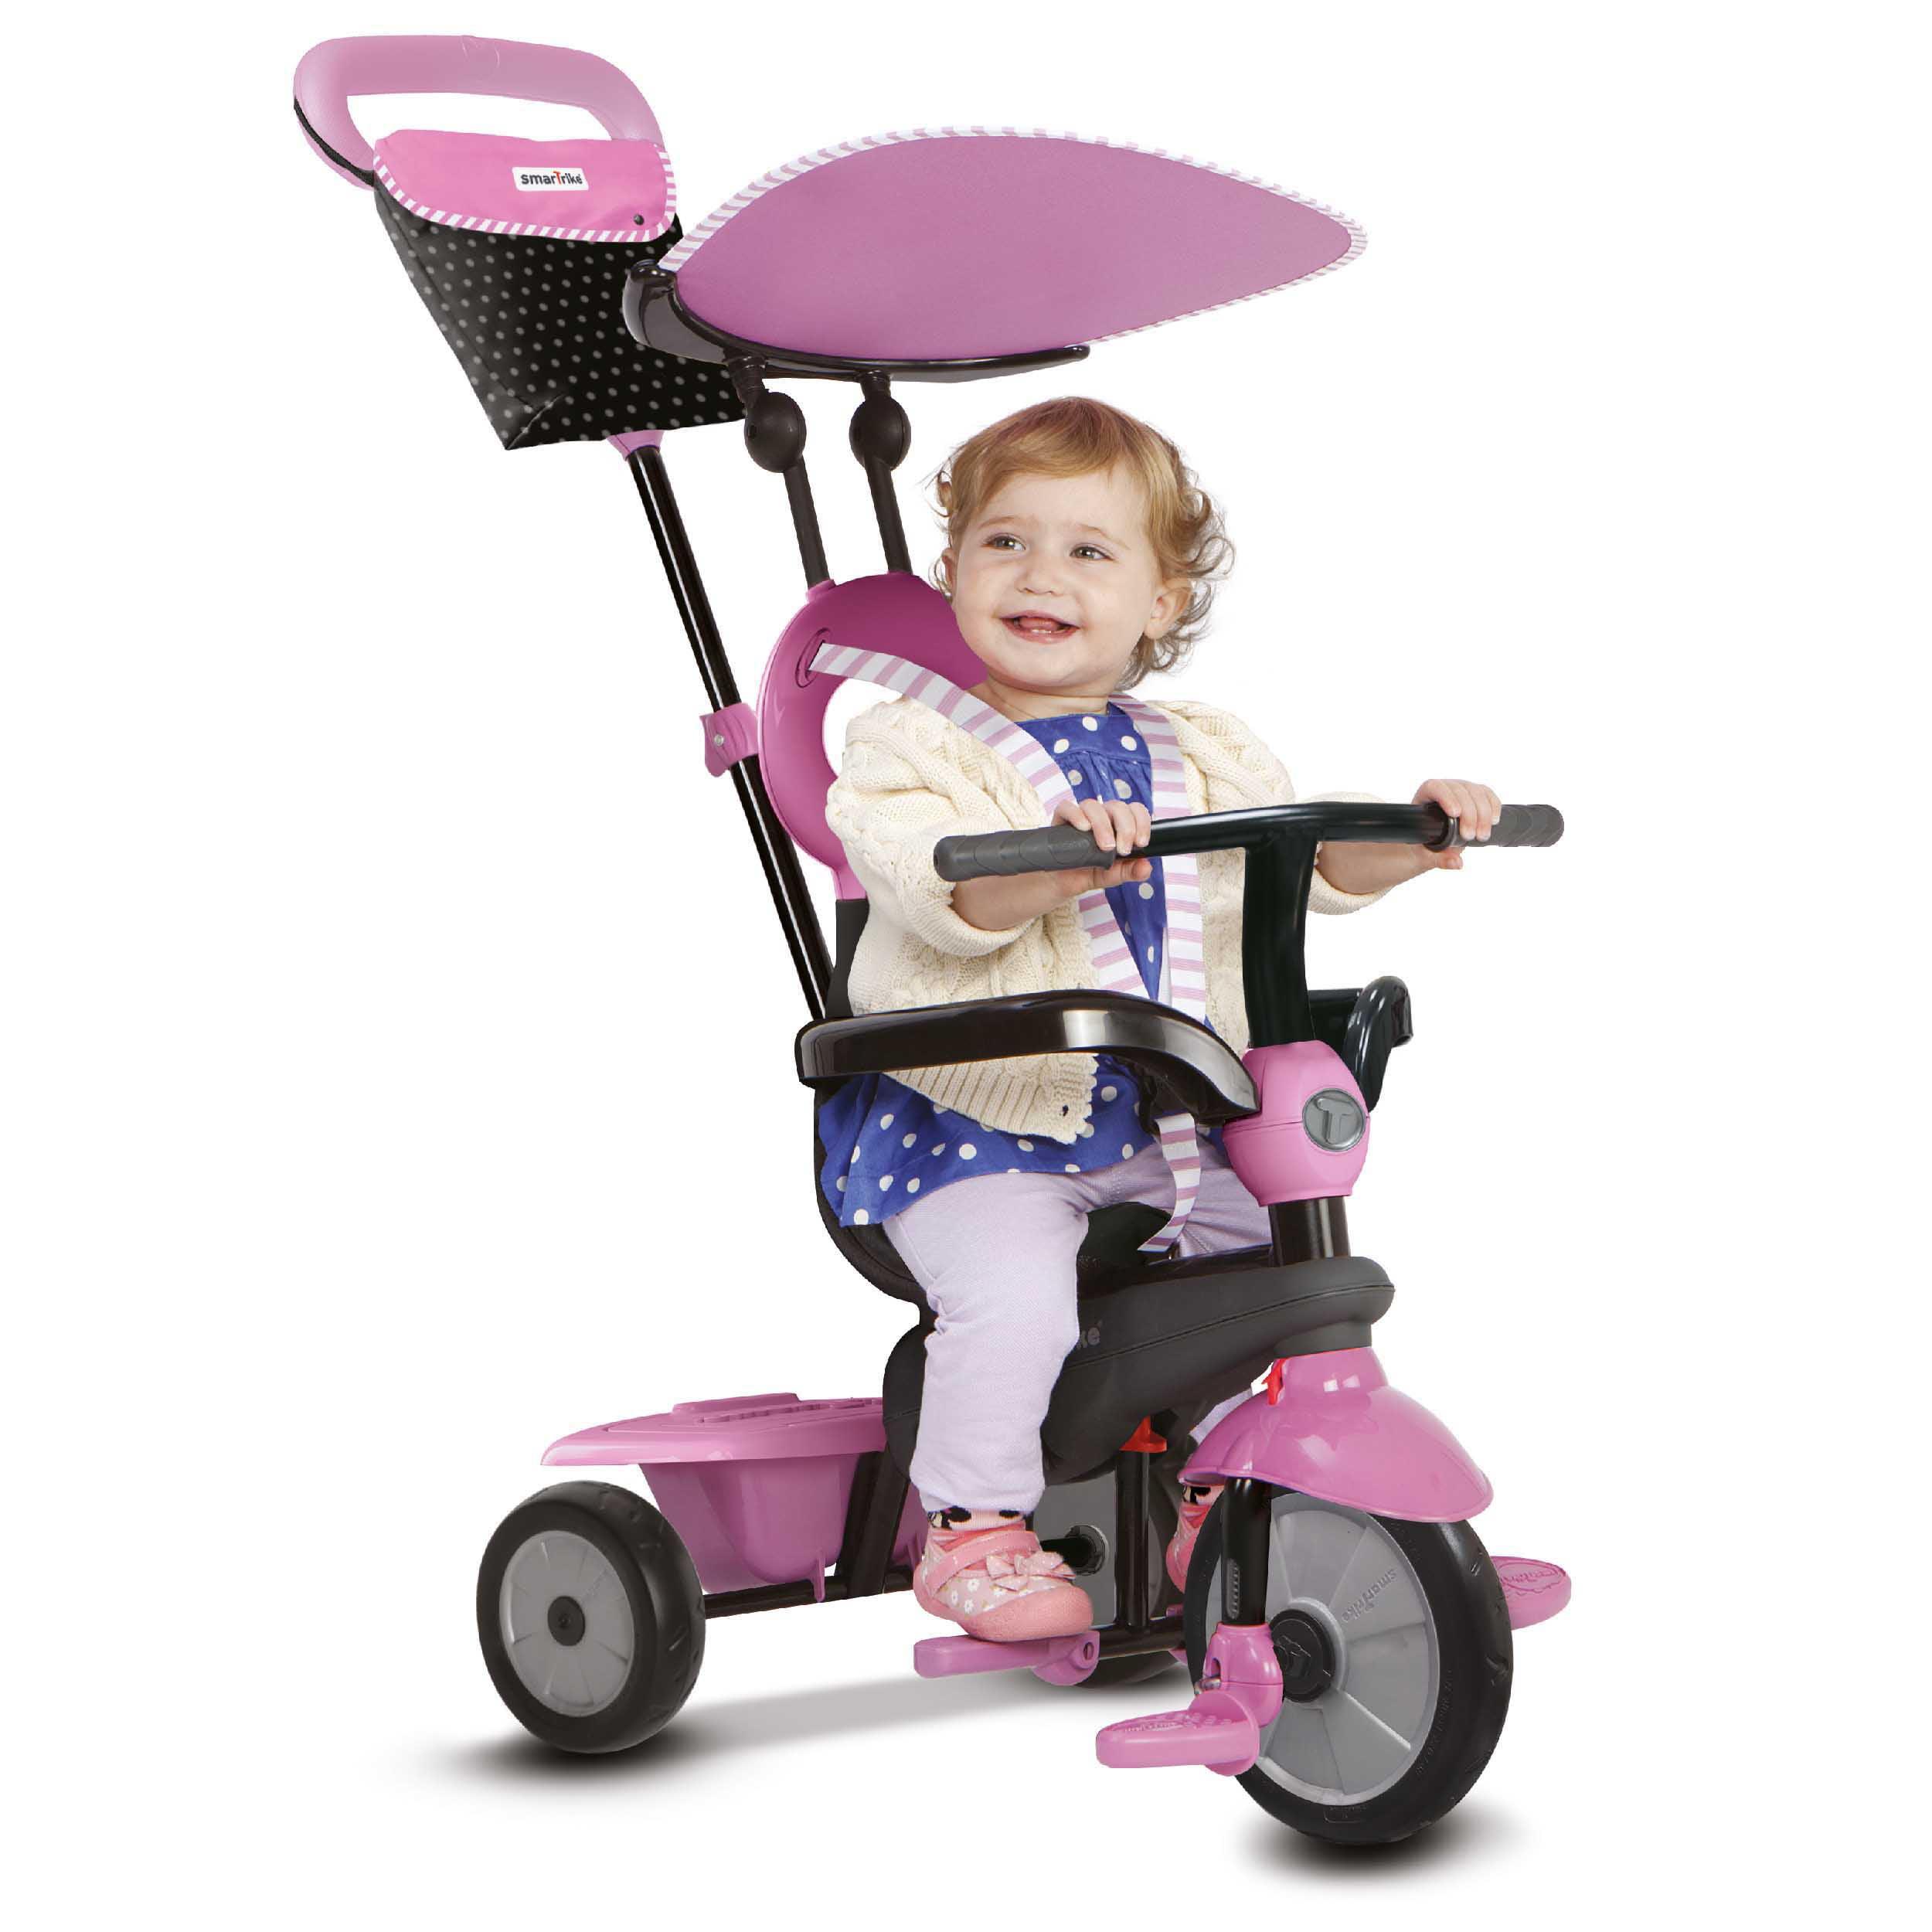 smarTrike Tricycle - Vanilla 4 in 1 Push Trike - Pink